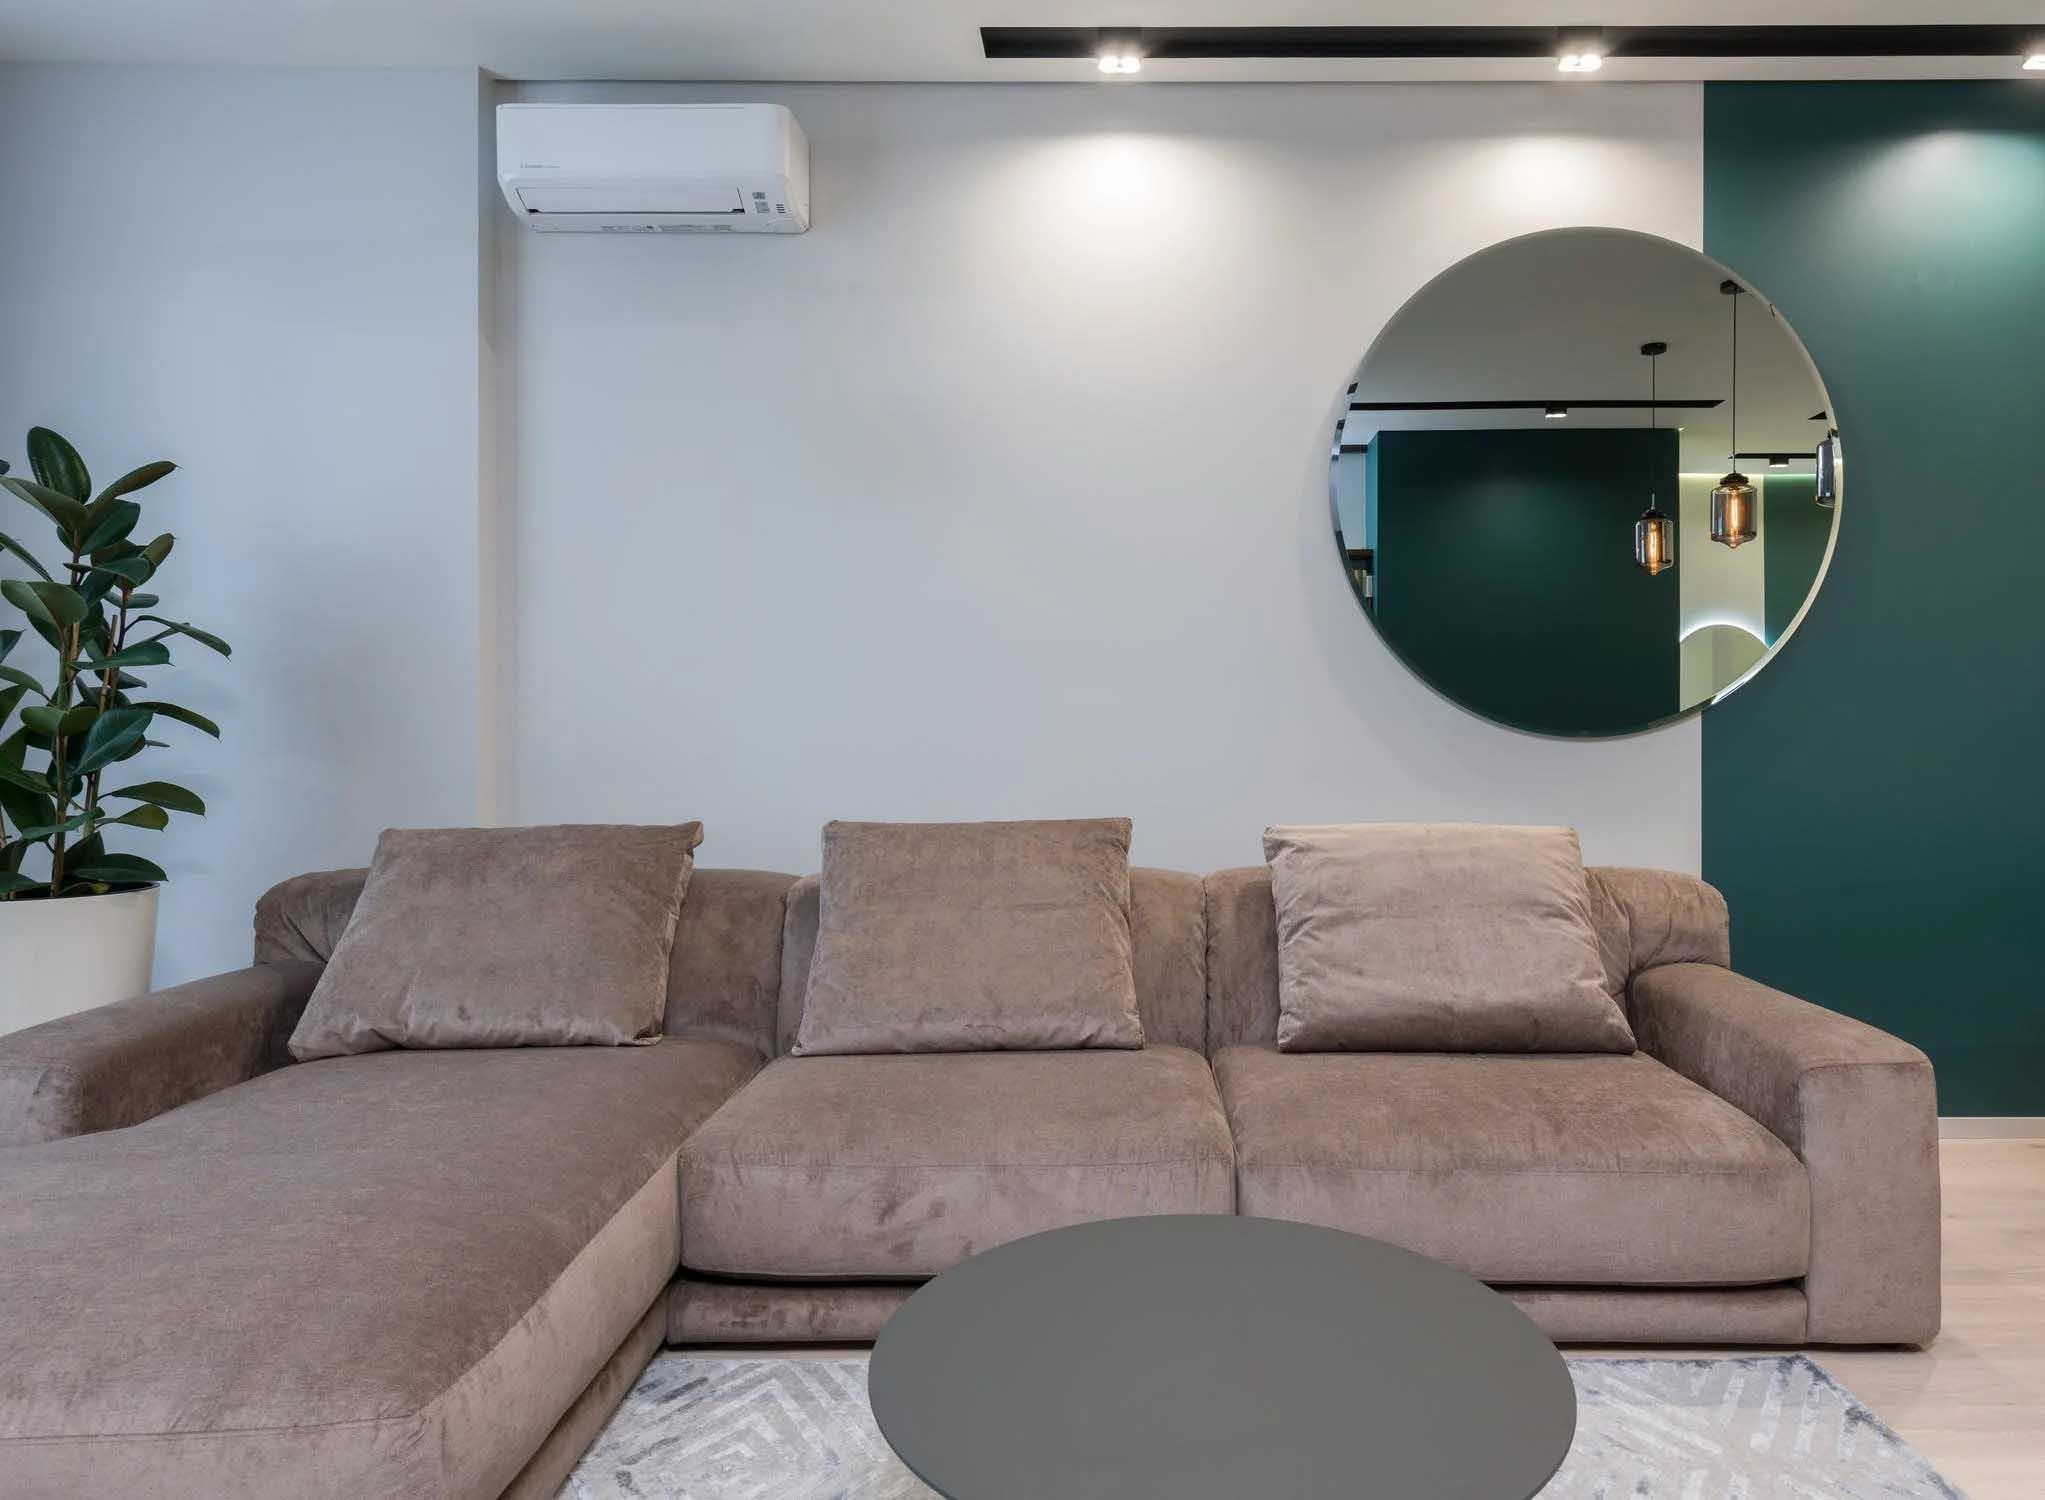 Bon Plan nettoyage complet de votre canapé d'angle - Grande Terre